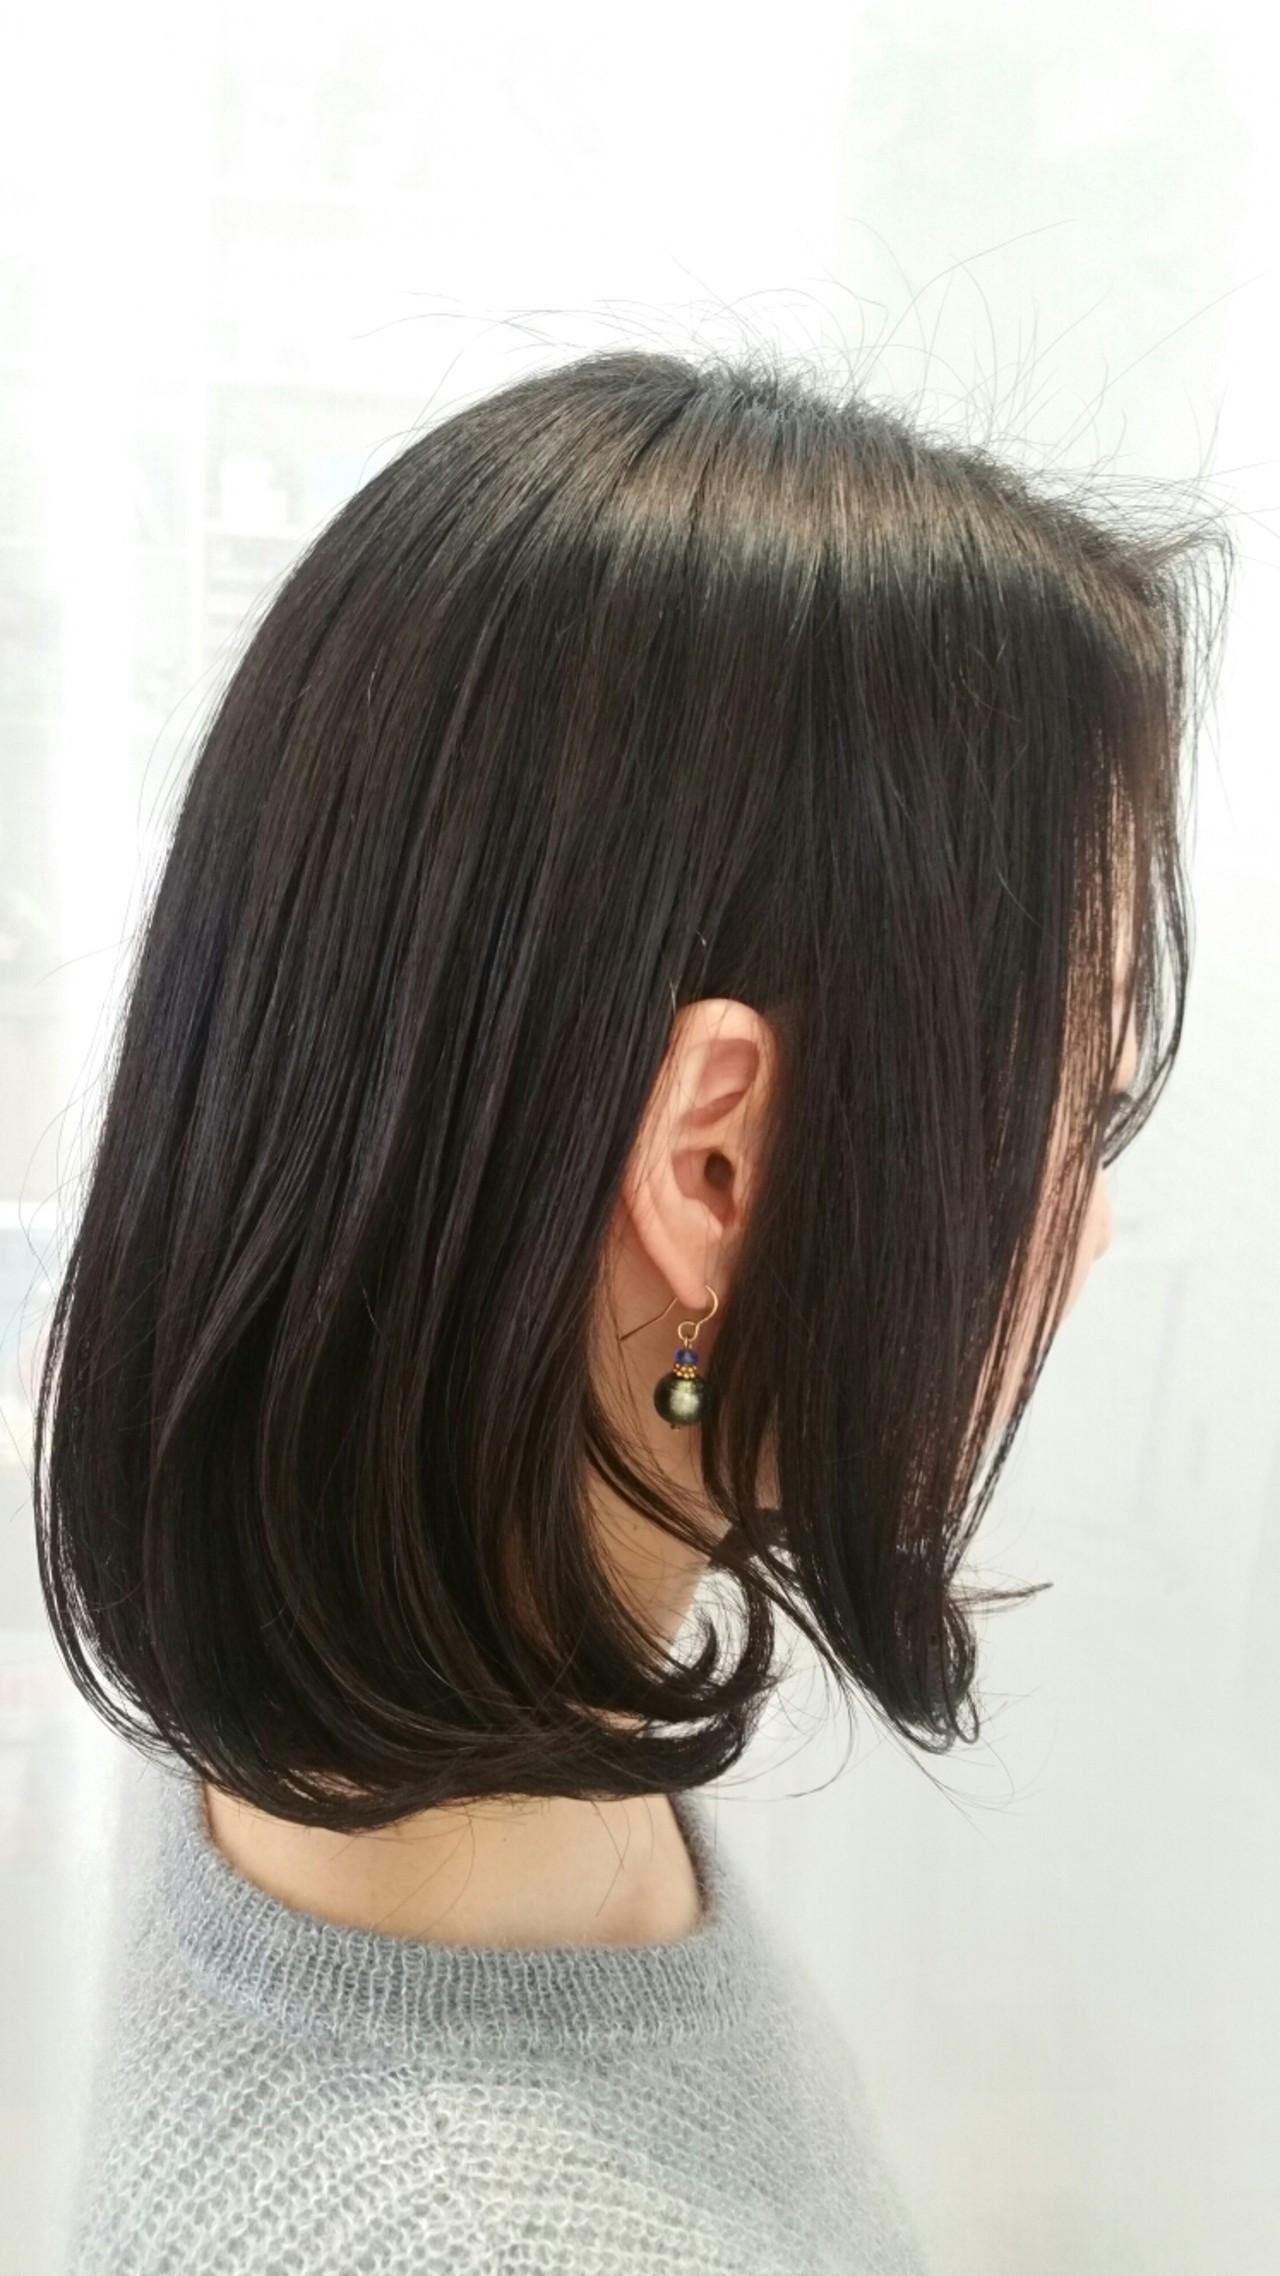 かっこいいけど色っぽい♡前髪なしの黒髪ミディアムヘアスタイル集 椿 智仁 ALBELY アルベリー  ALBELY hair&spa アルベリー 磐田